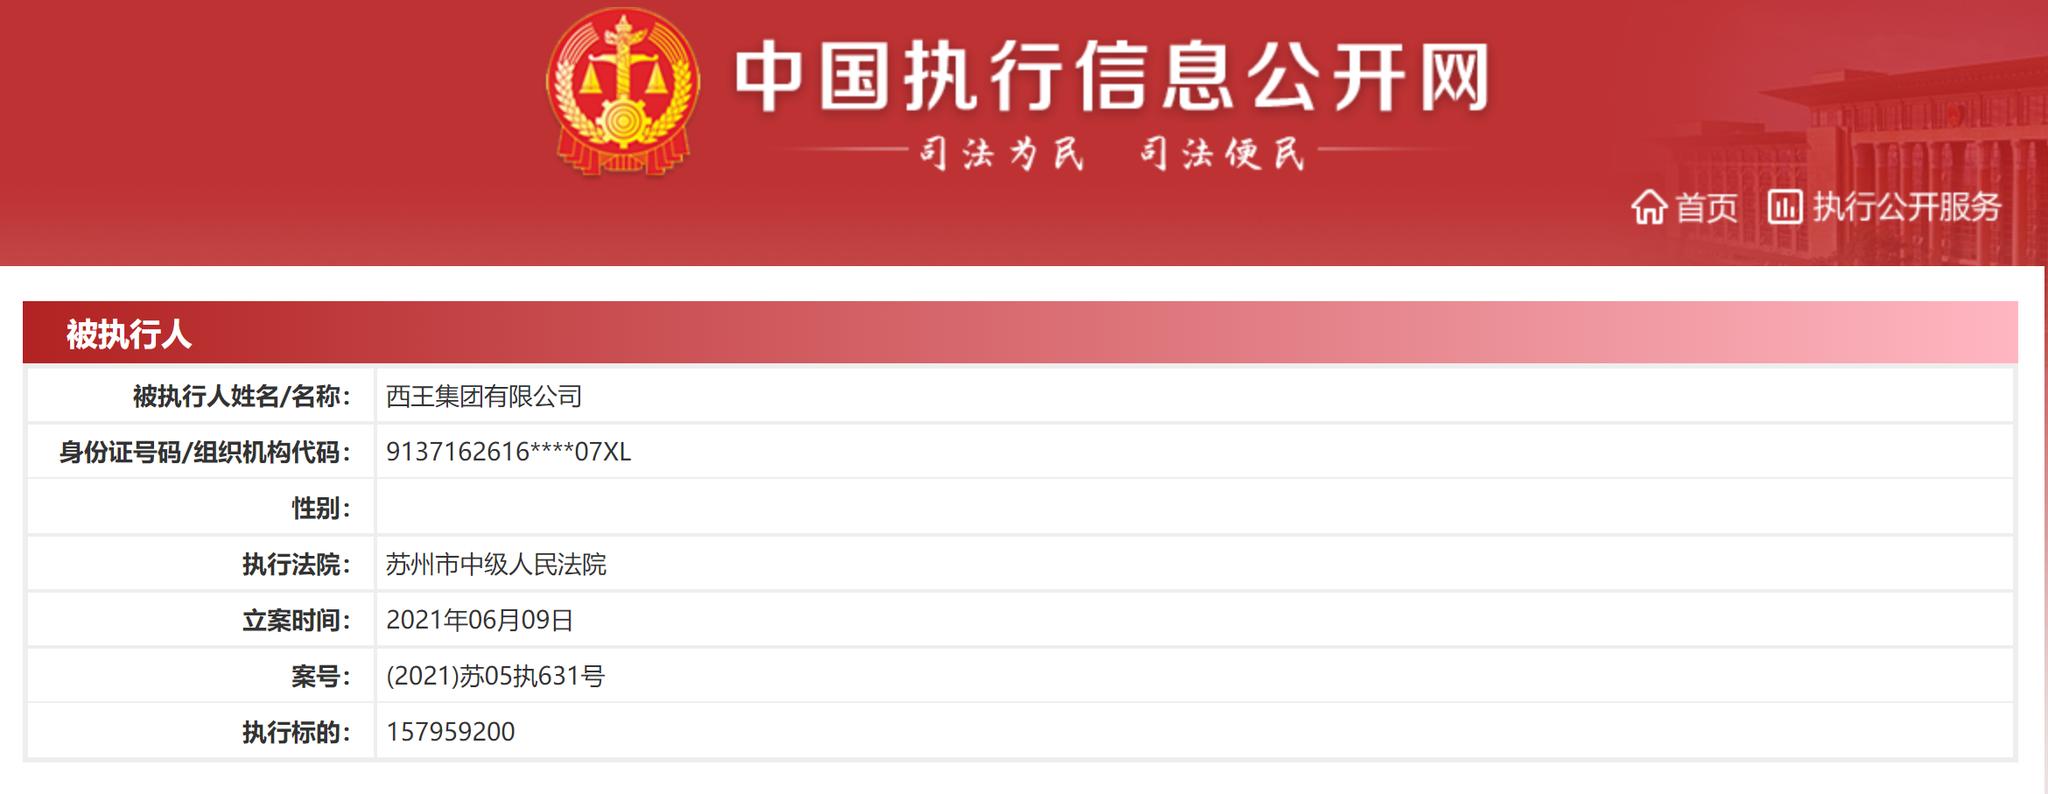 西王集团因1.58亿元成被执行人,子公司因4.4亿成老赖